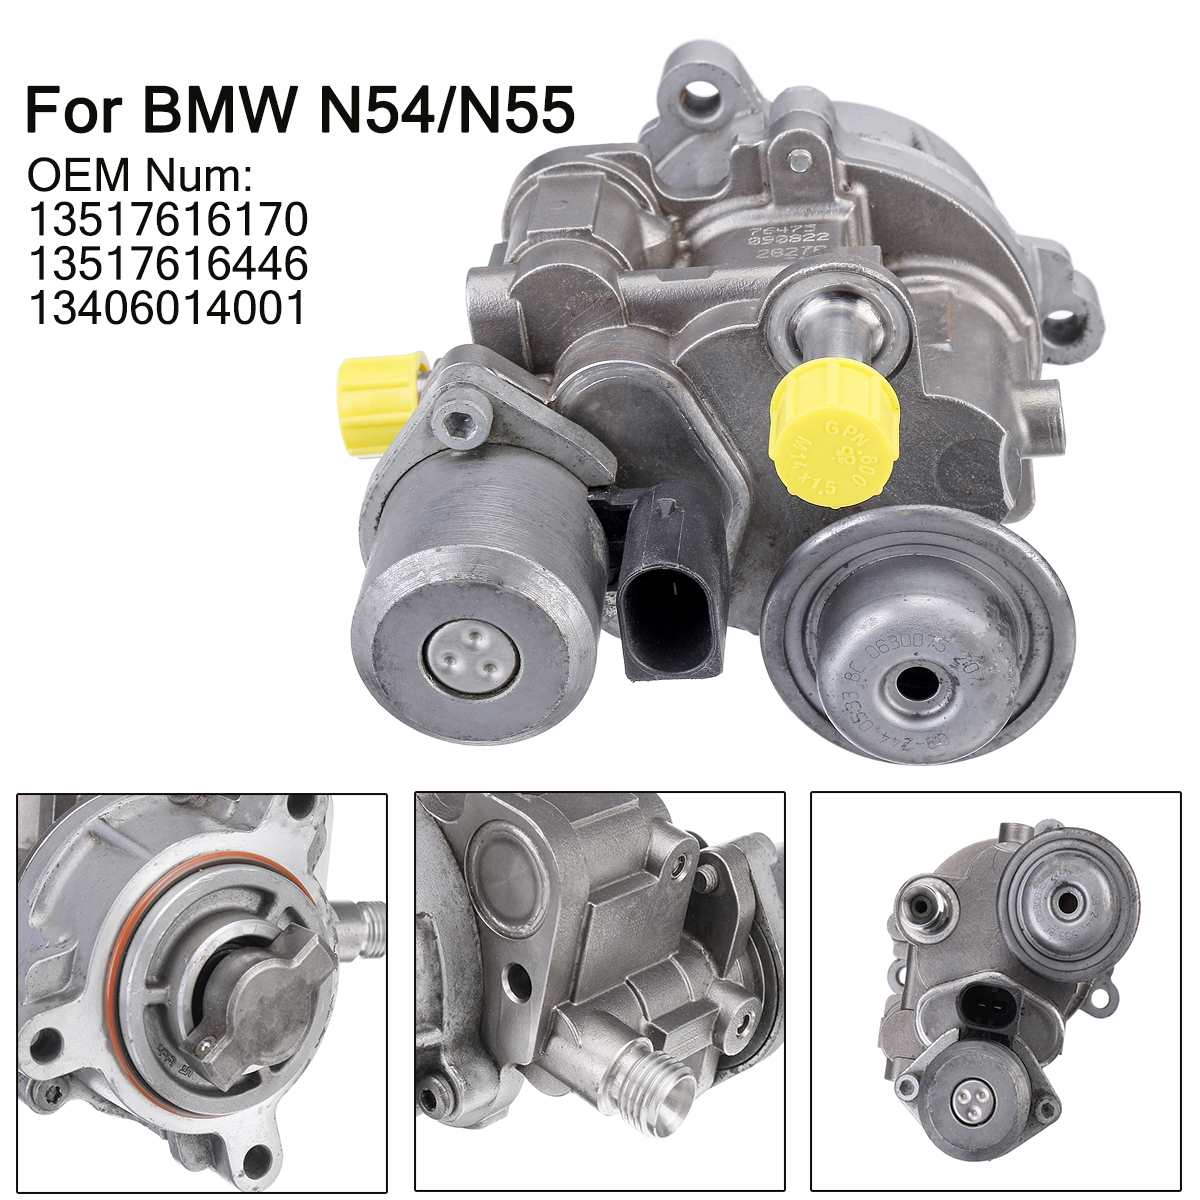 High Pressure Fuel Pump 13517616170 13517616446 13406014001 For BMW N54/N55